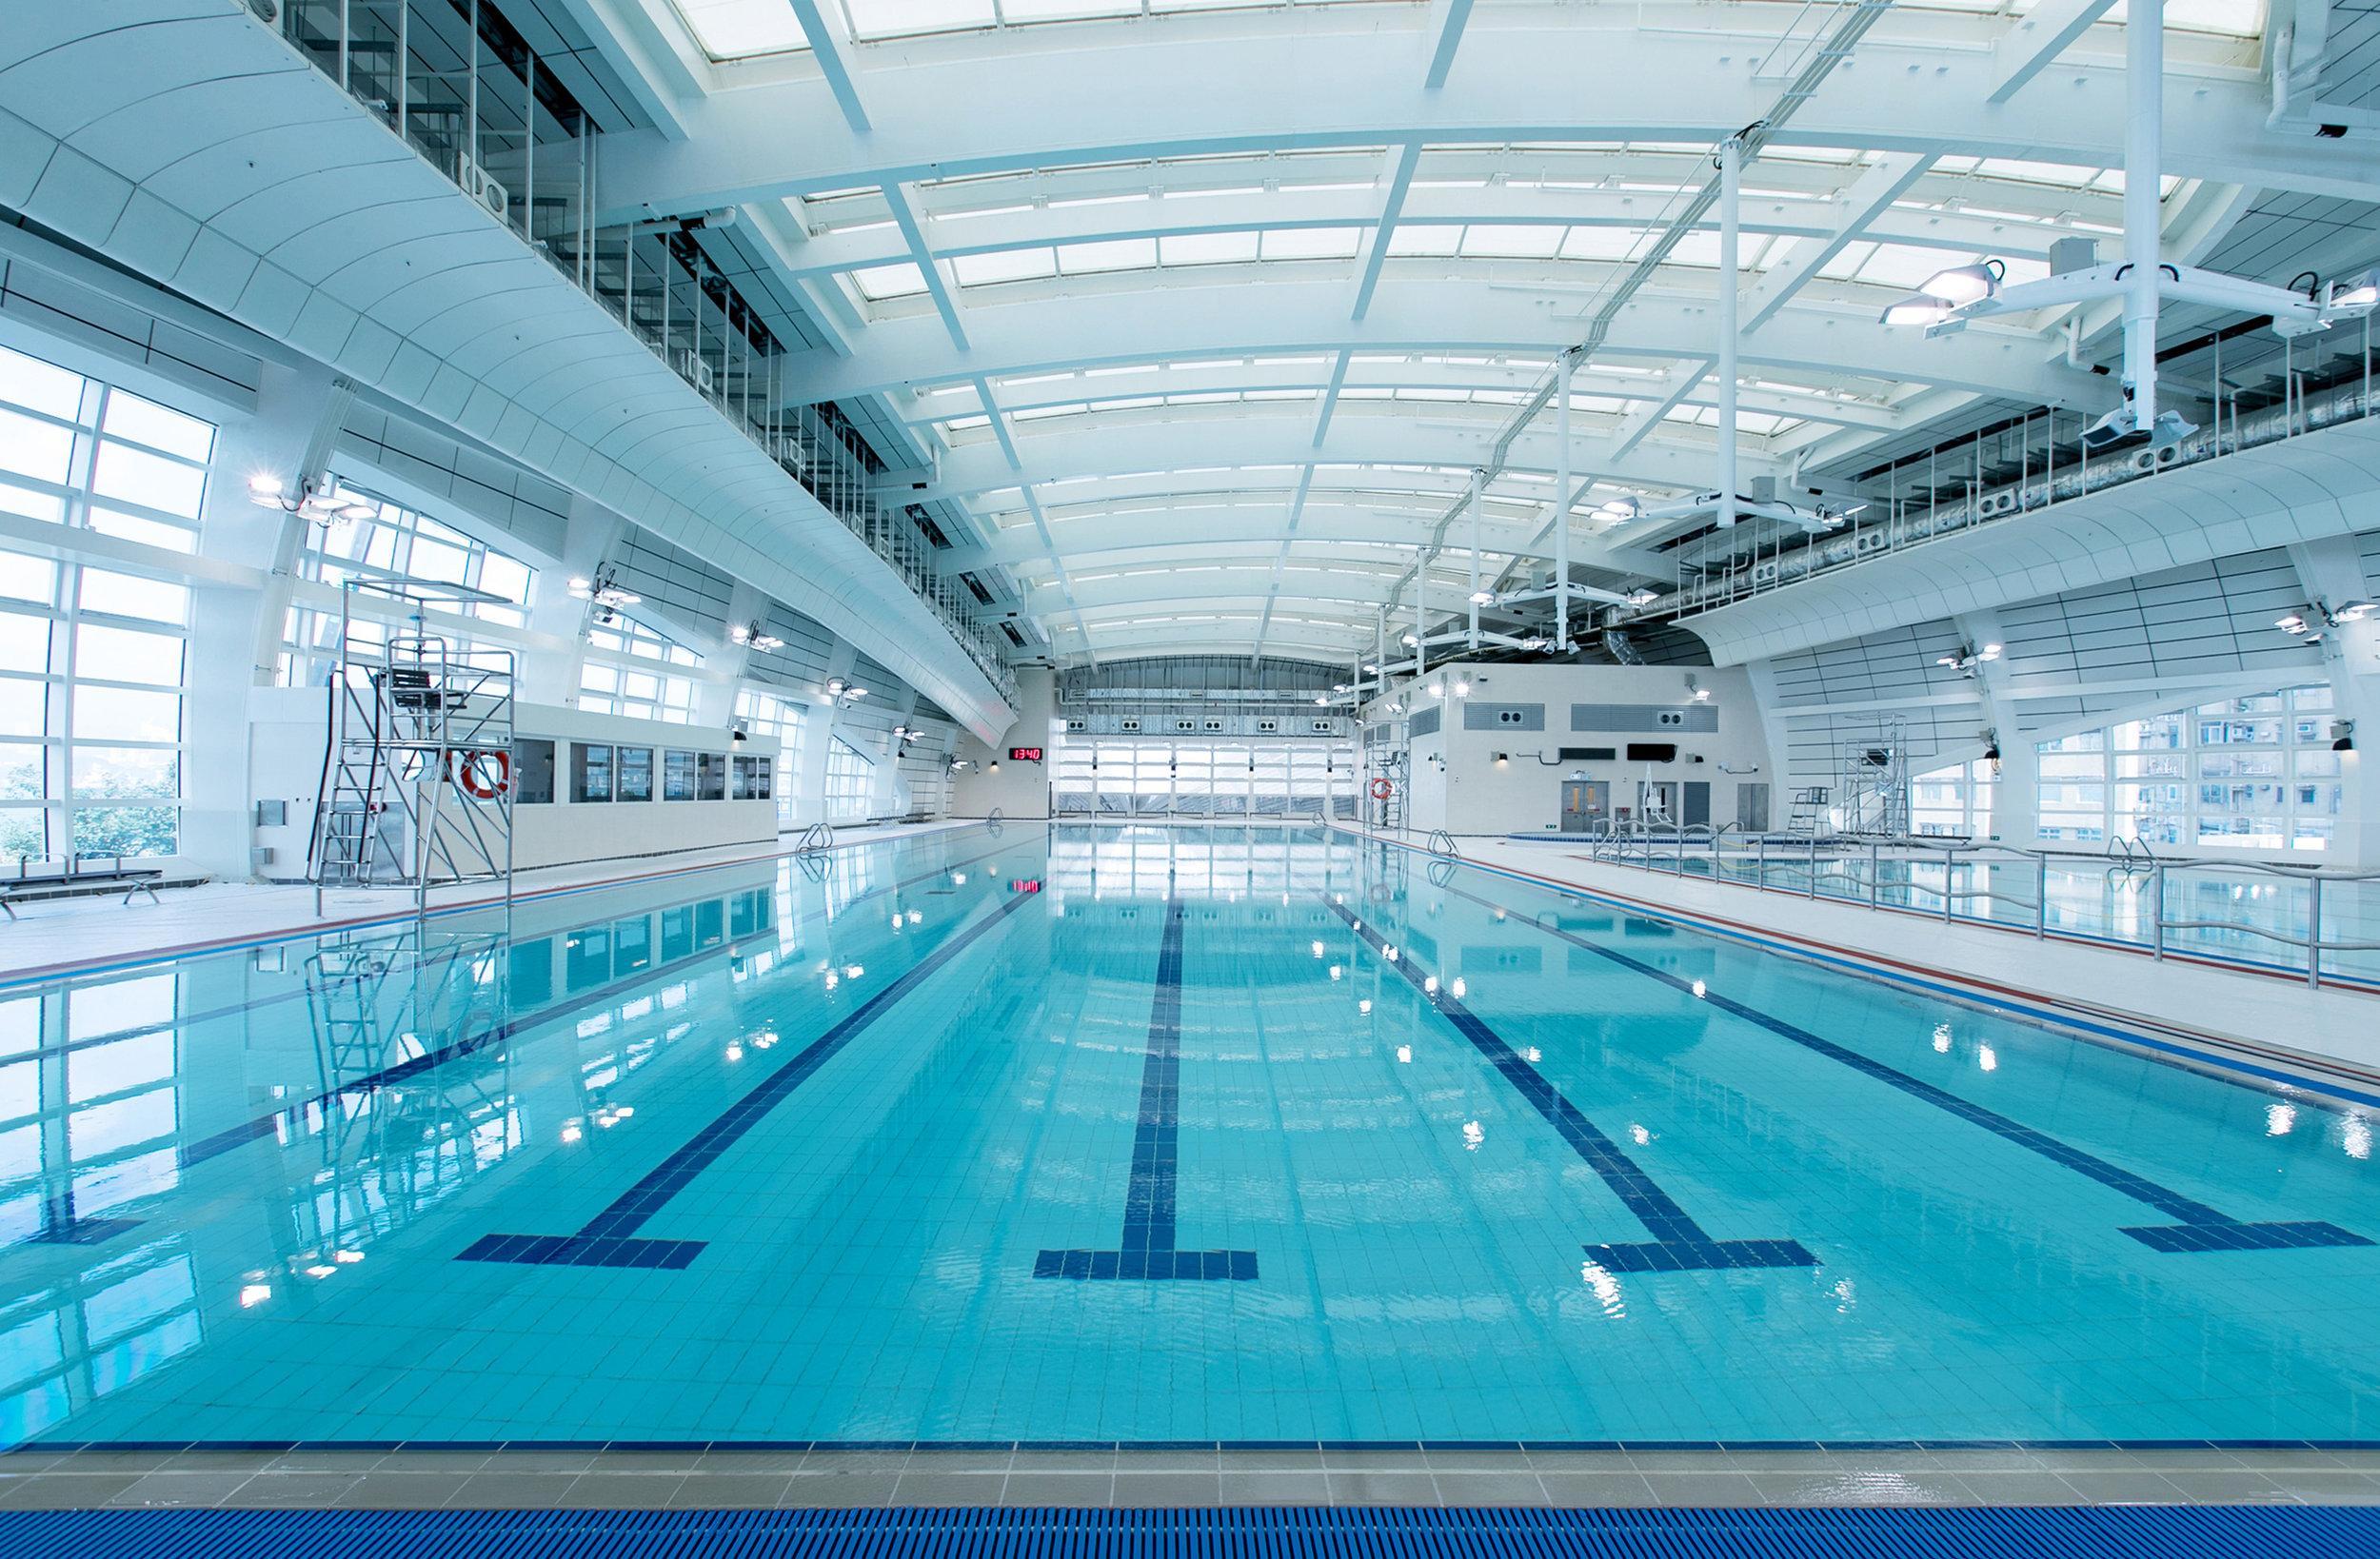 KTSP_view of indoor pools.jpg